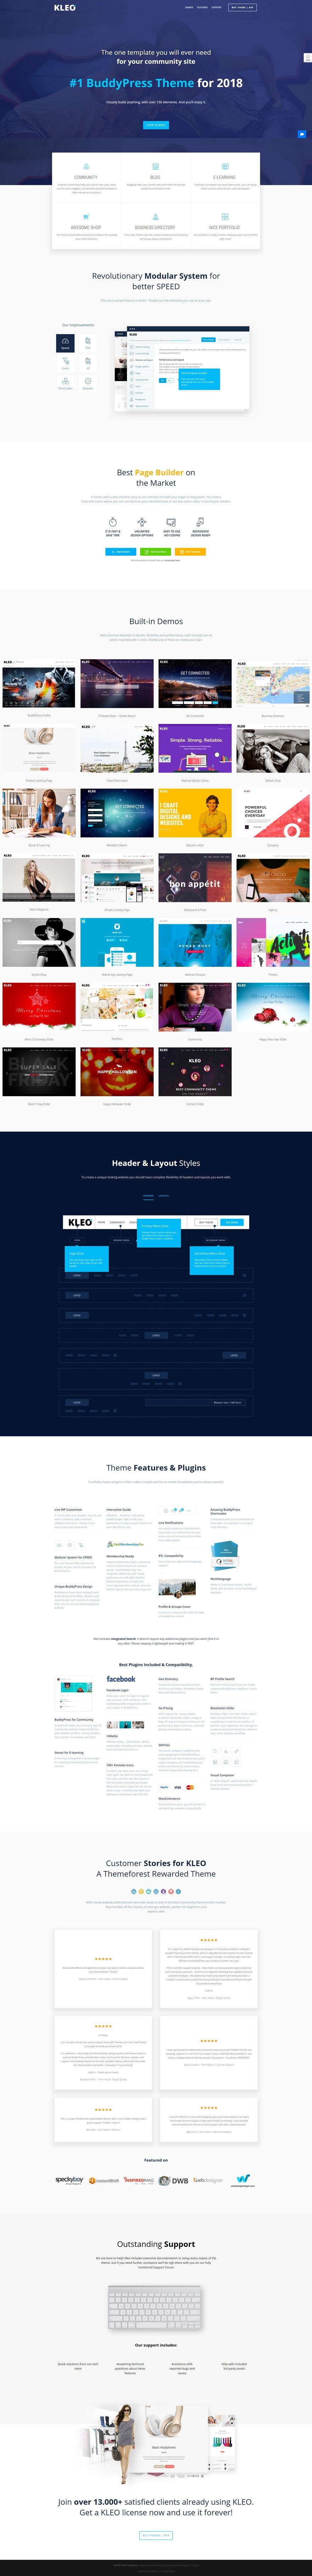 طراحی سایت شبکه ی اجتماعی